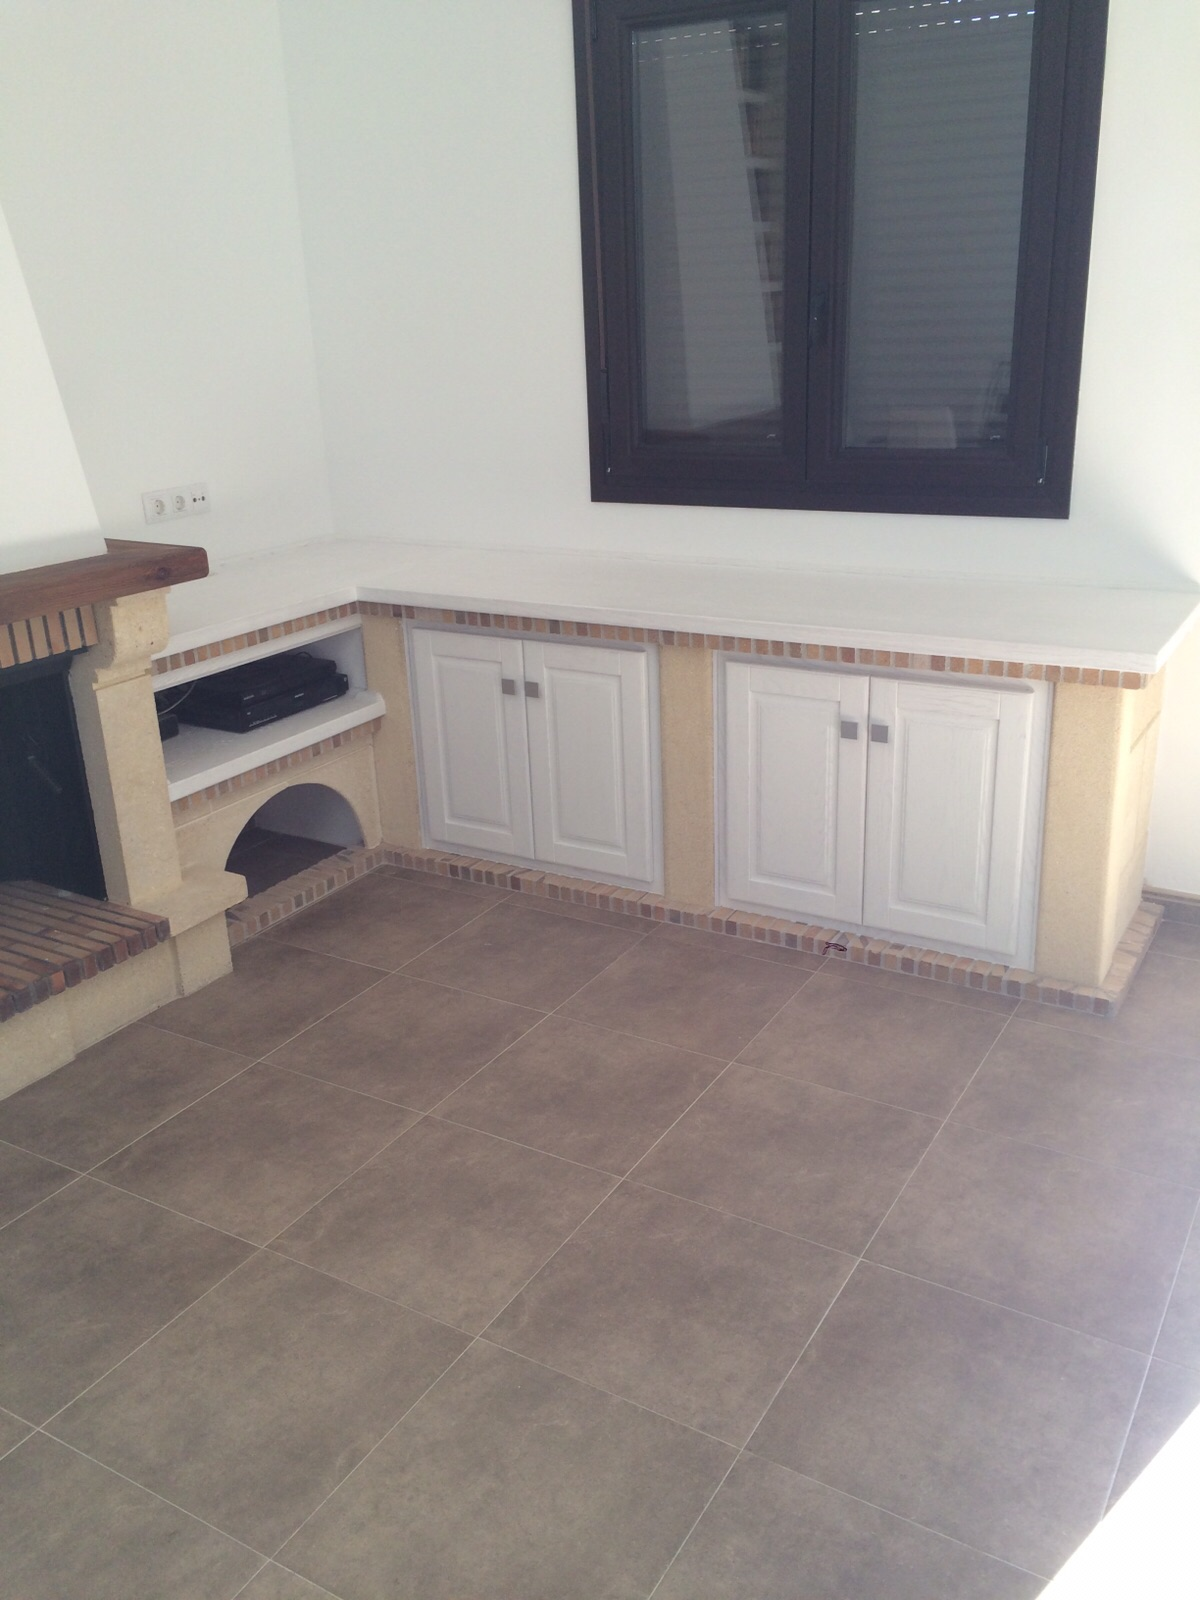 Carpinter a familia murcia muebles y lejas en madera for Muebles el rebajon murcia